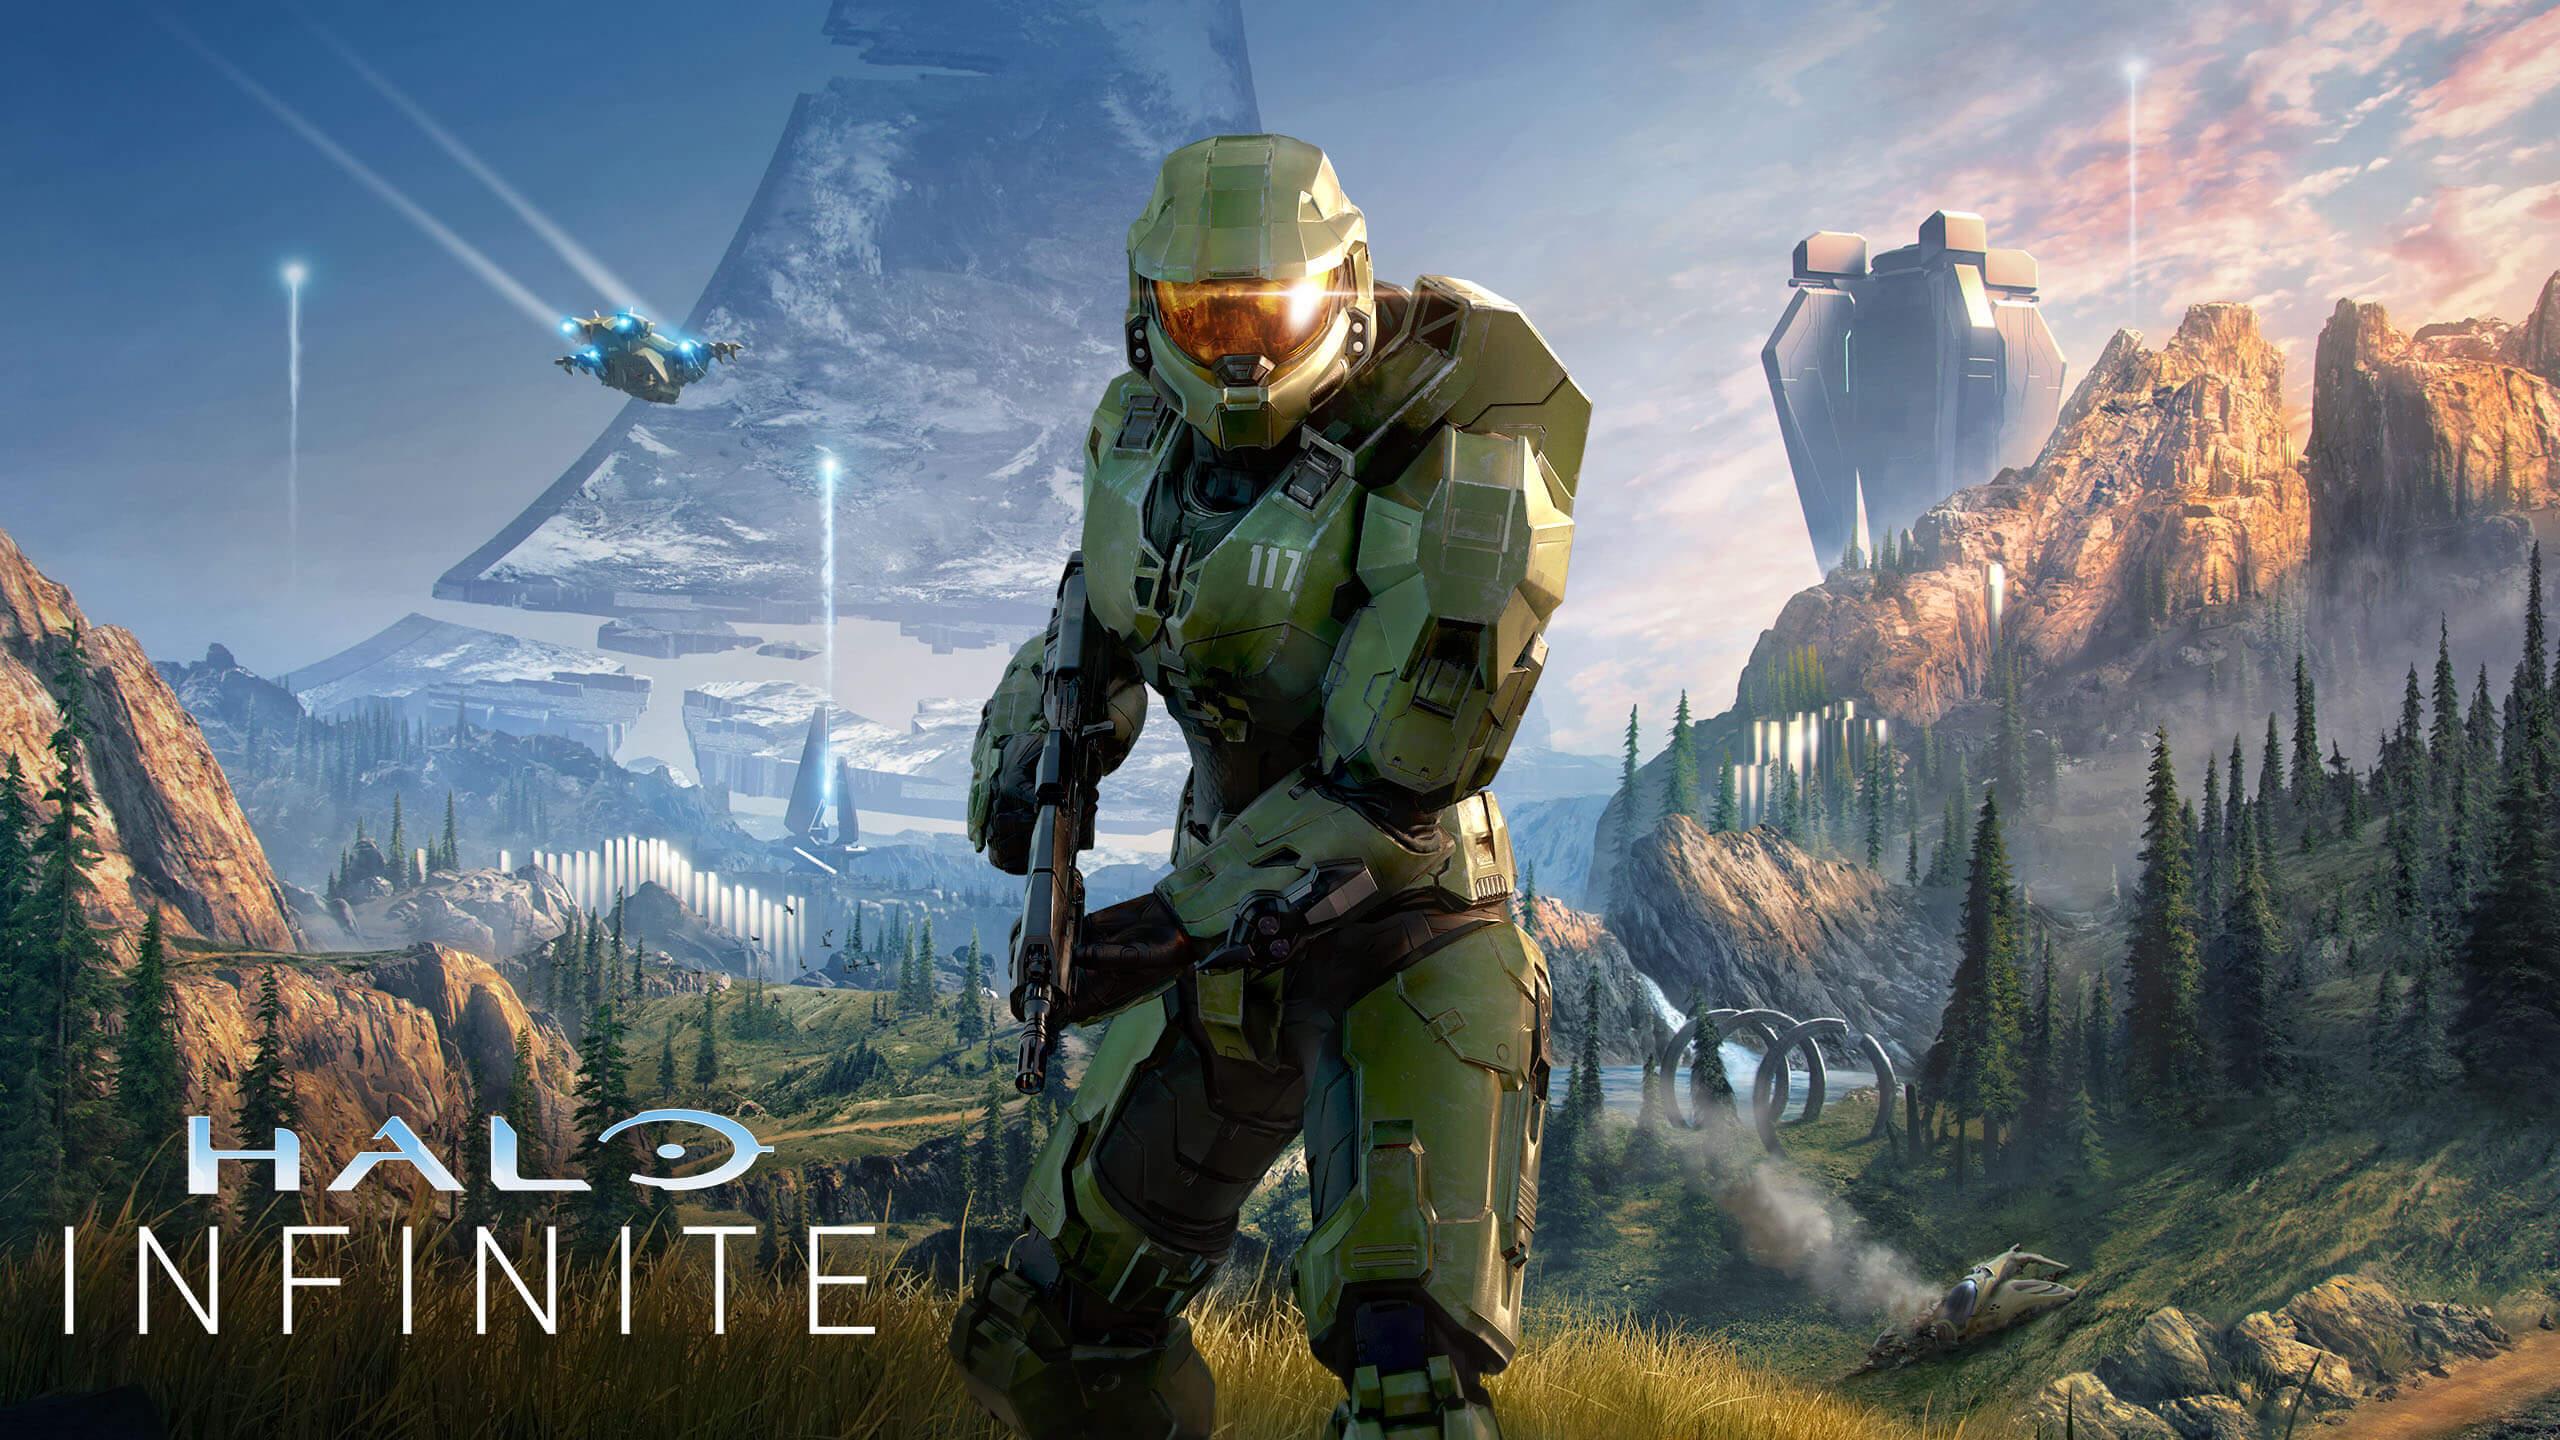 Halo Infinite new in-engine screenshot